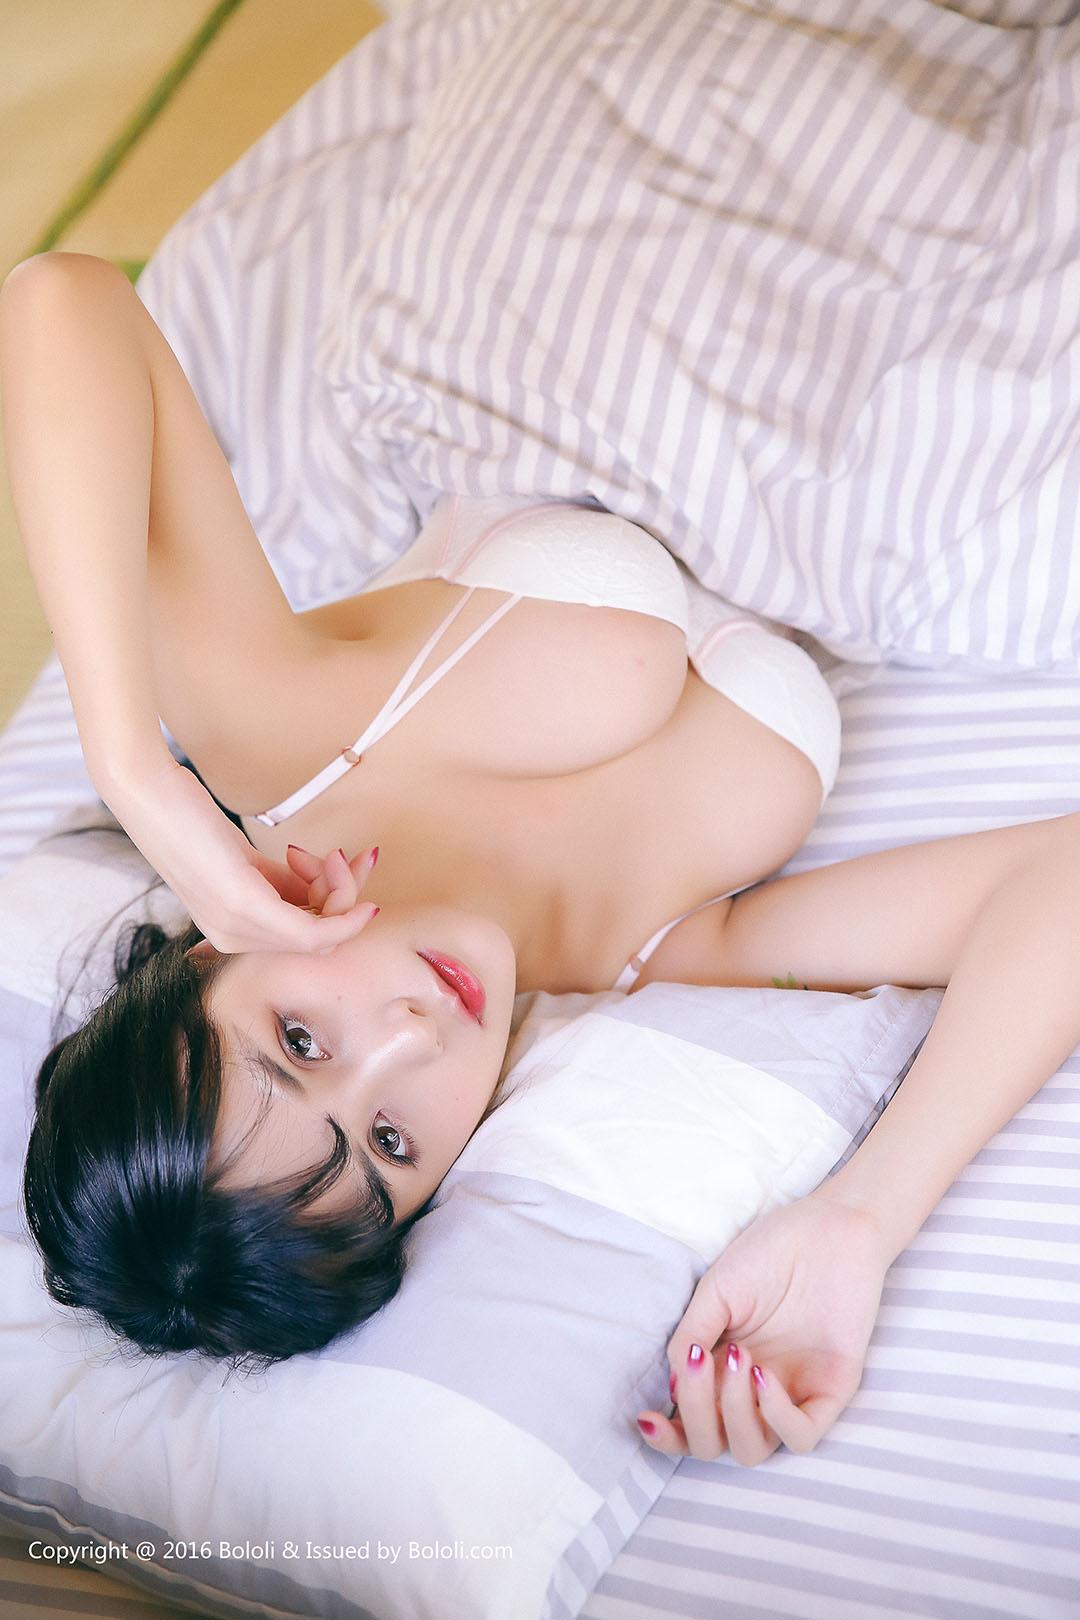 Bol 015